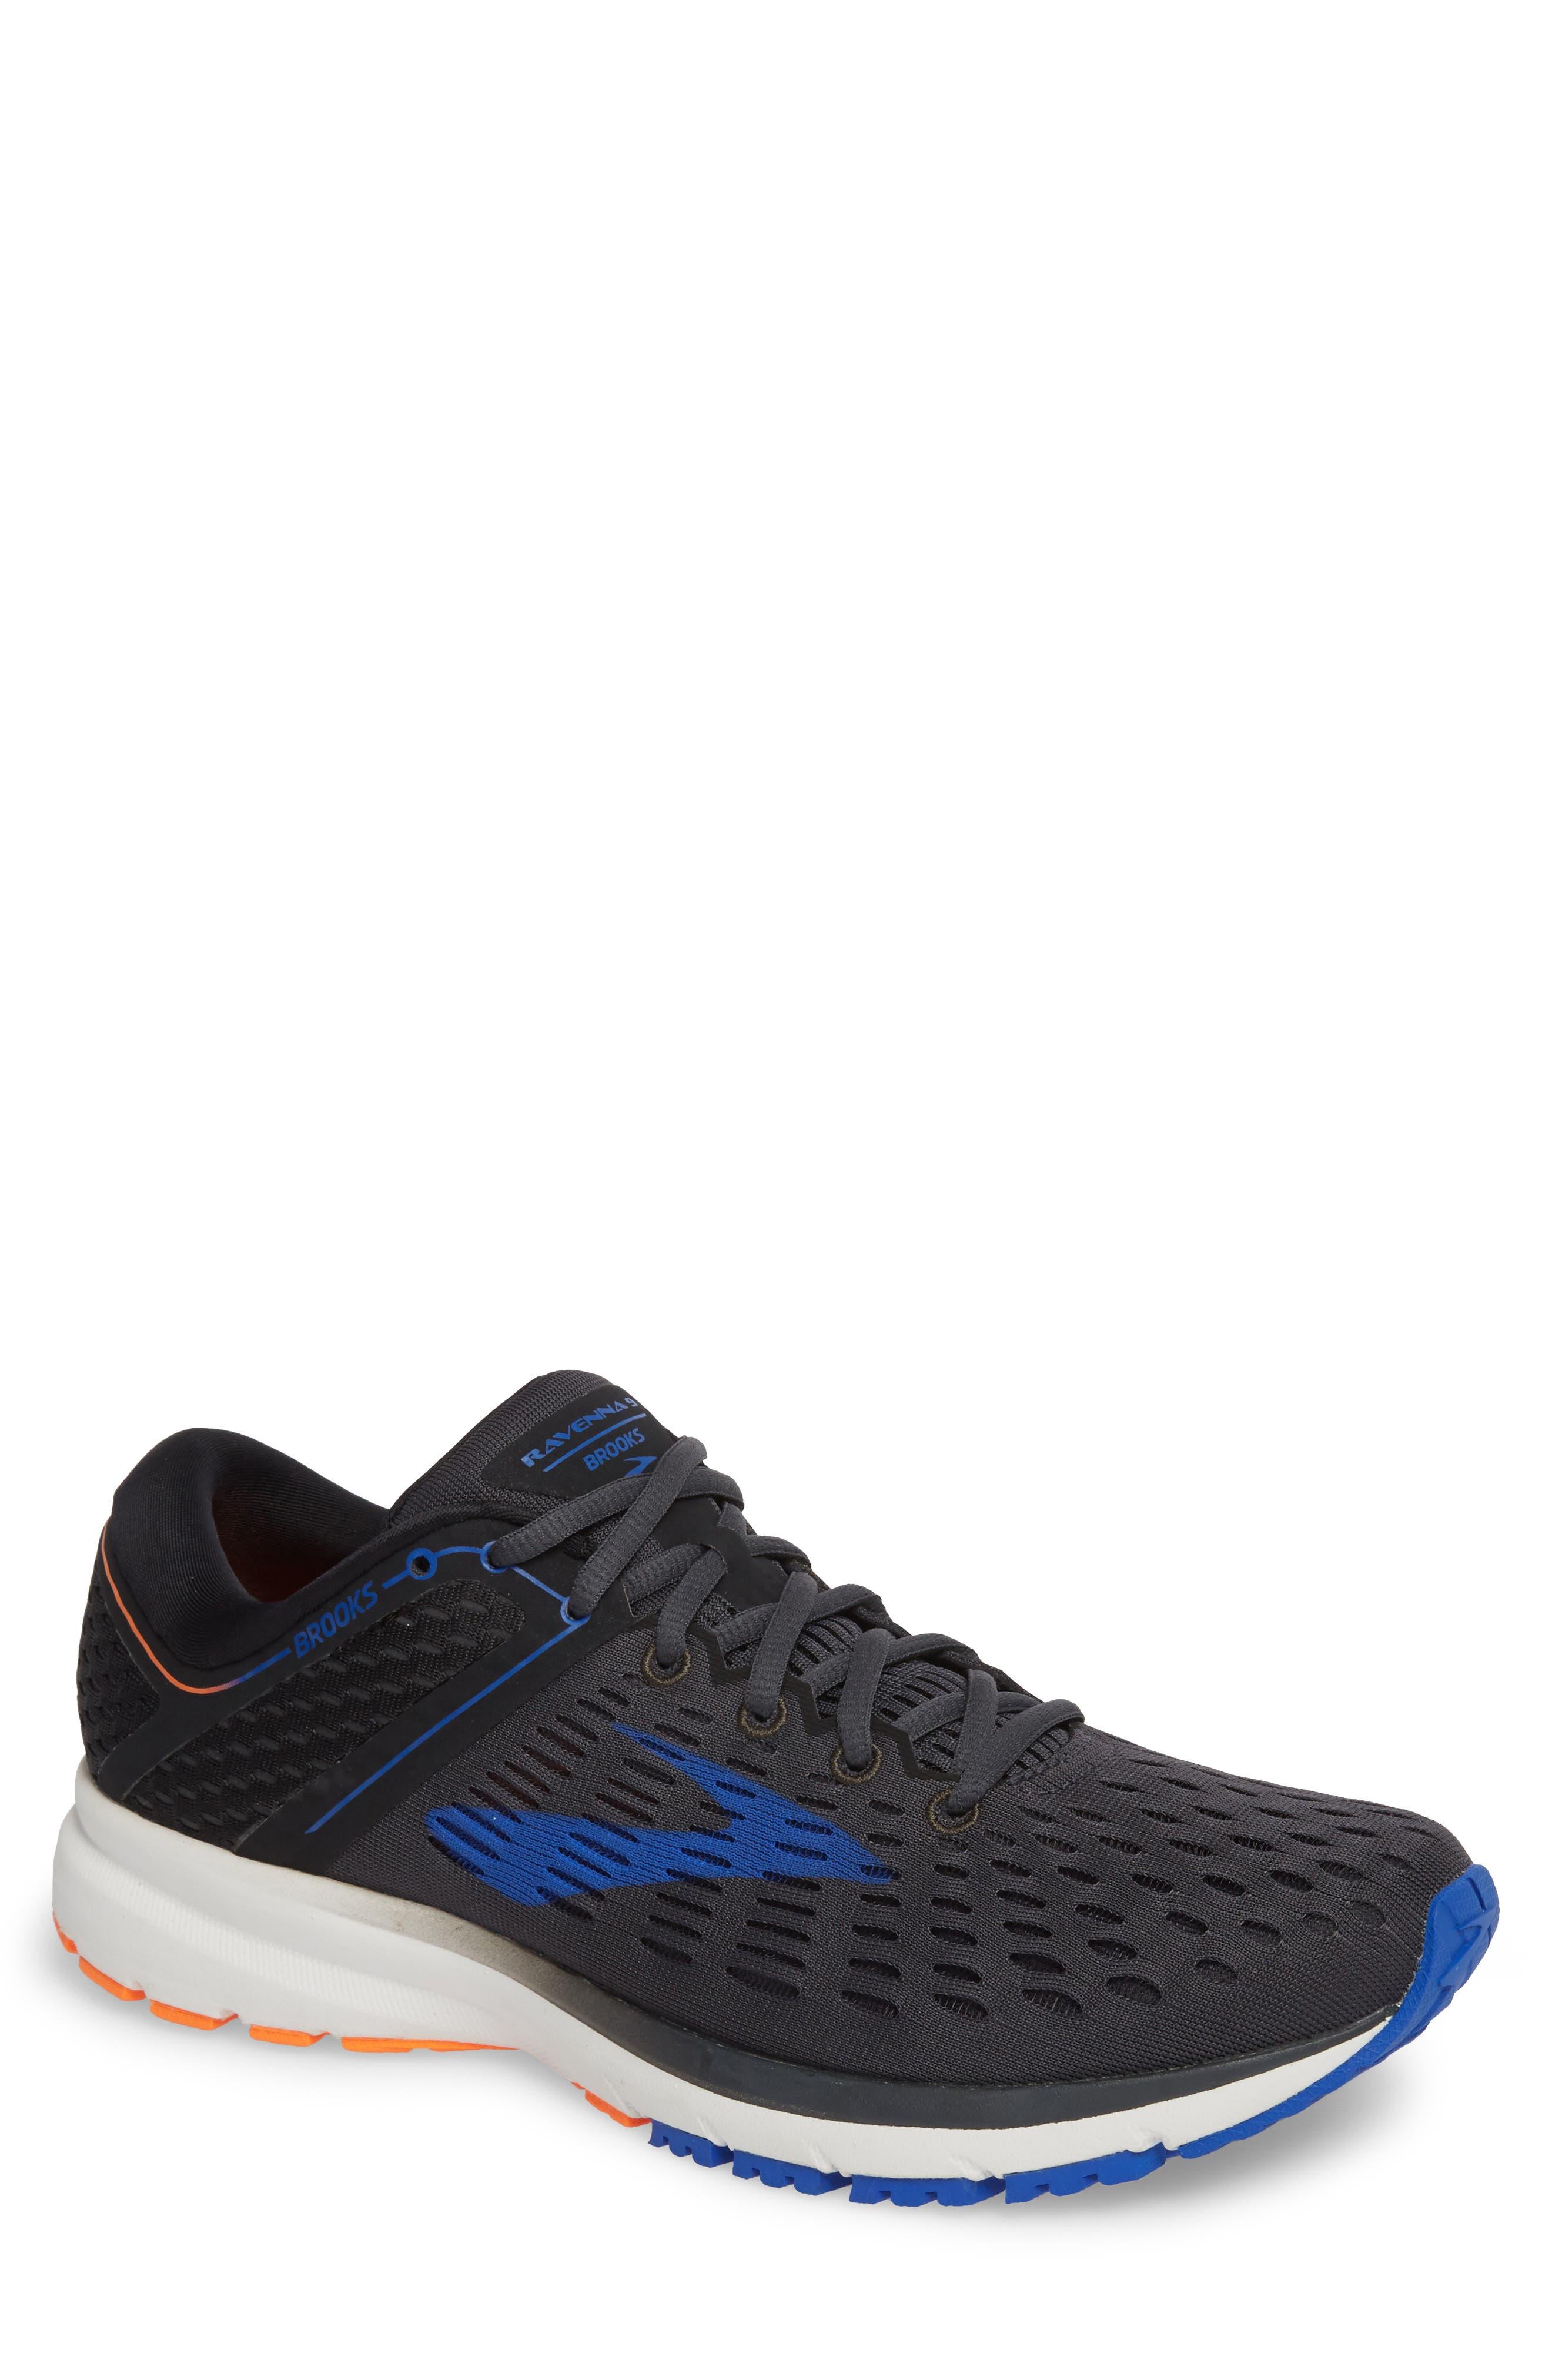 Ravenna 9 Running Shoe, Main, color, EBONY/ BLUE/ ORANGE